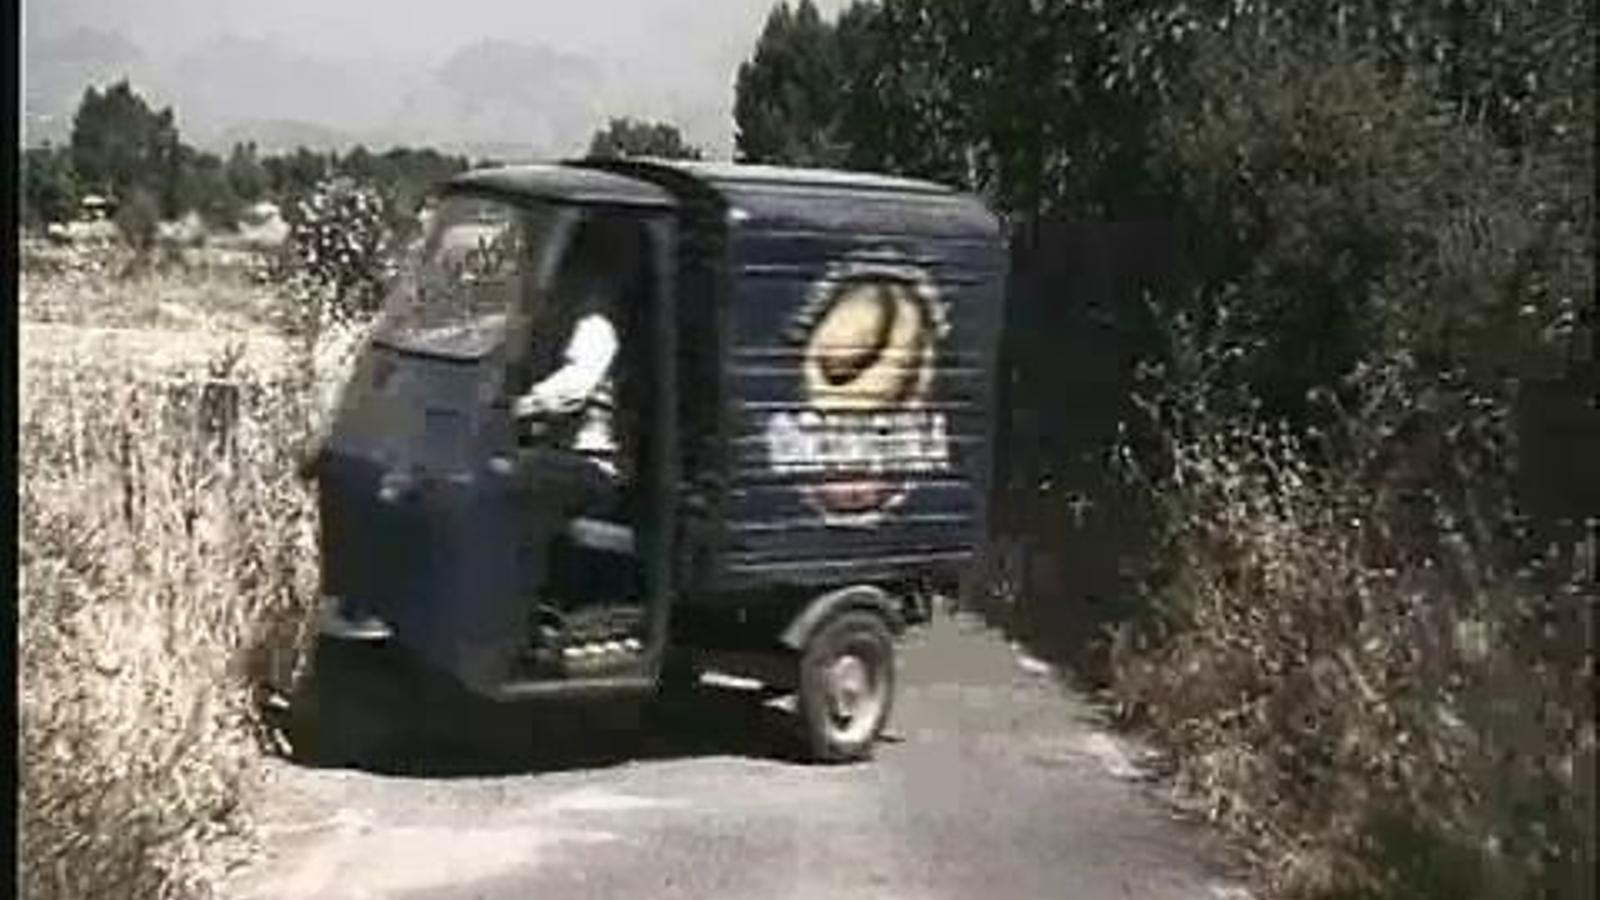 Anunci d'Orangina fet a Mallorca